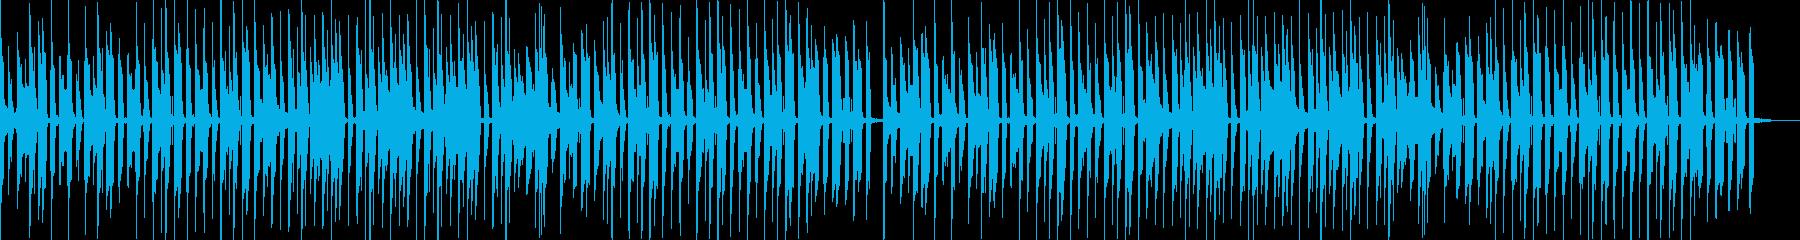 ピコピコ感が可愛くて楽しいBGMの再生済みの波形